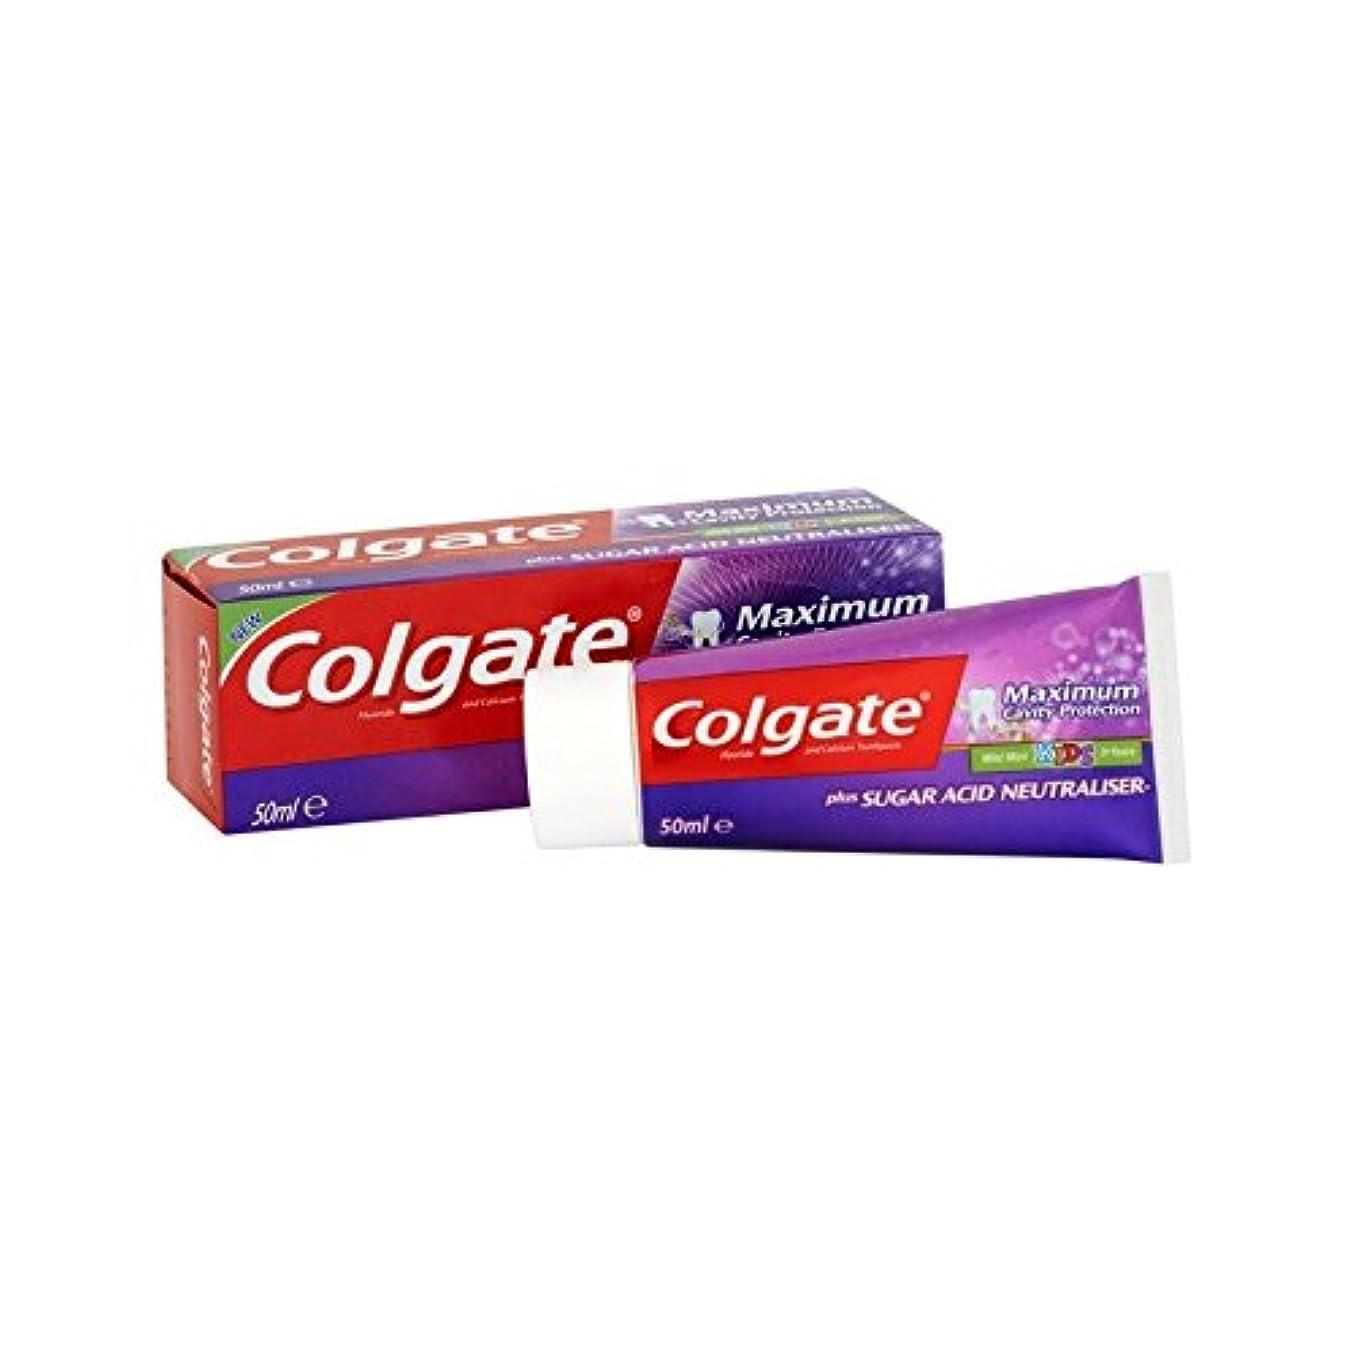 盆またシーサイド最大空洞の子供の50ミリリットルを保護 (Colgate) (x 4) - Colgate Maximum Cavity Protect Kids 50ml (Pack of 4) [並行輸入品]